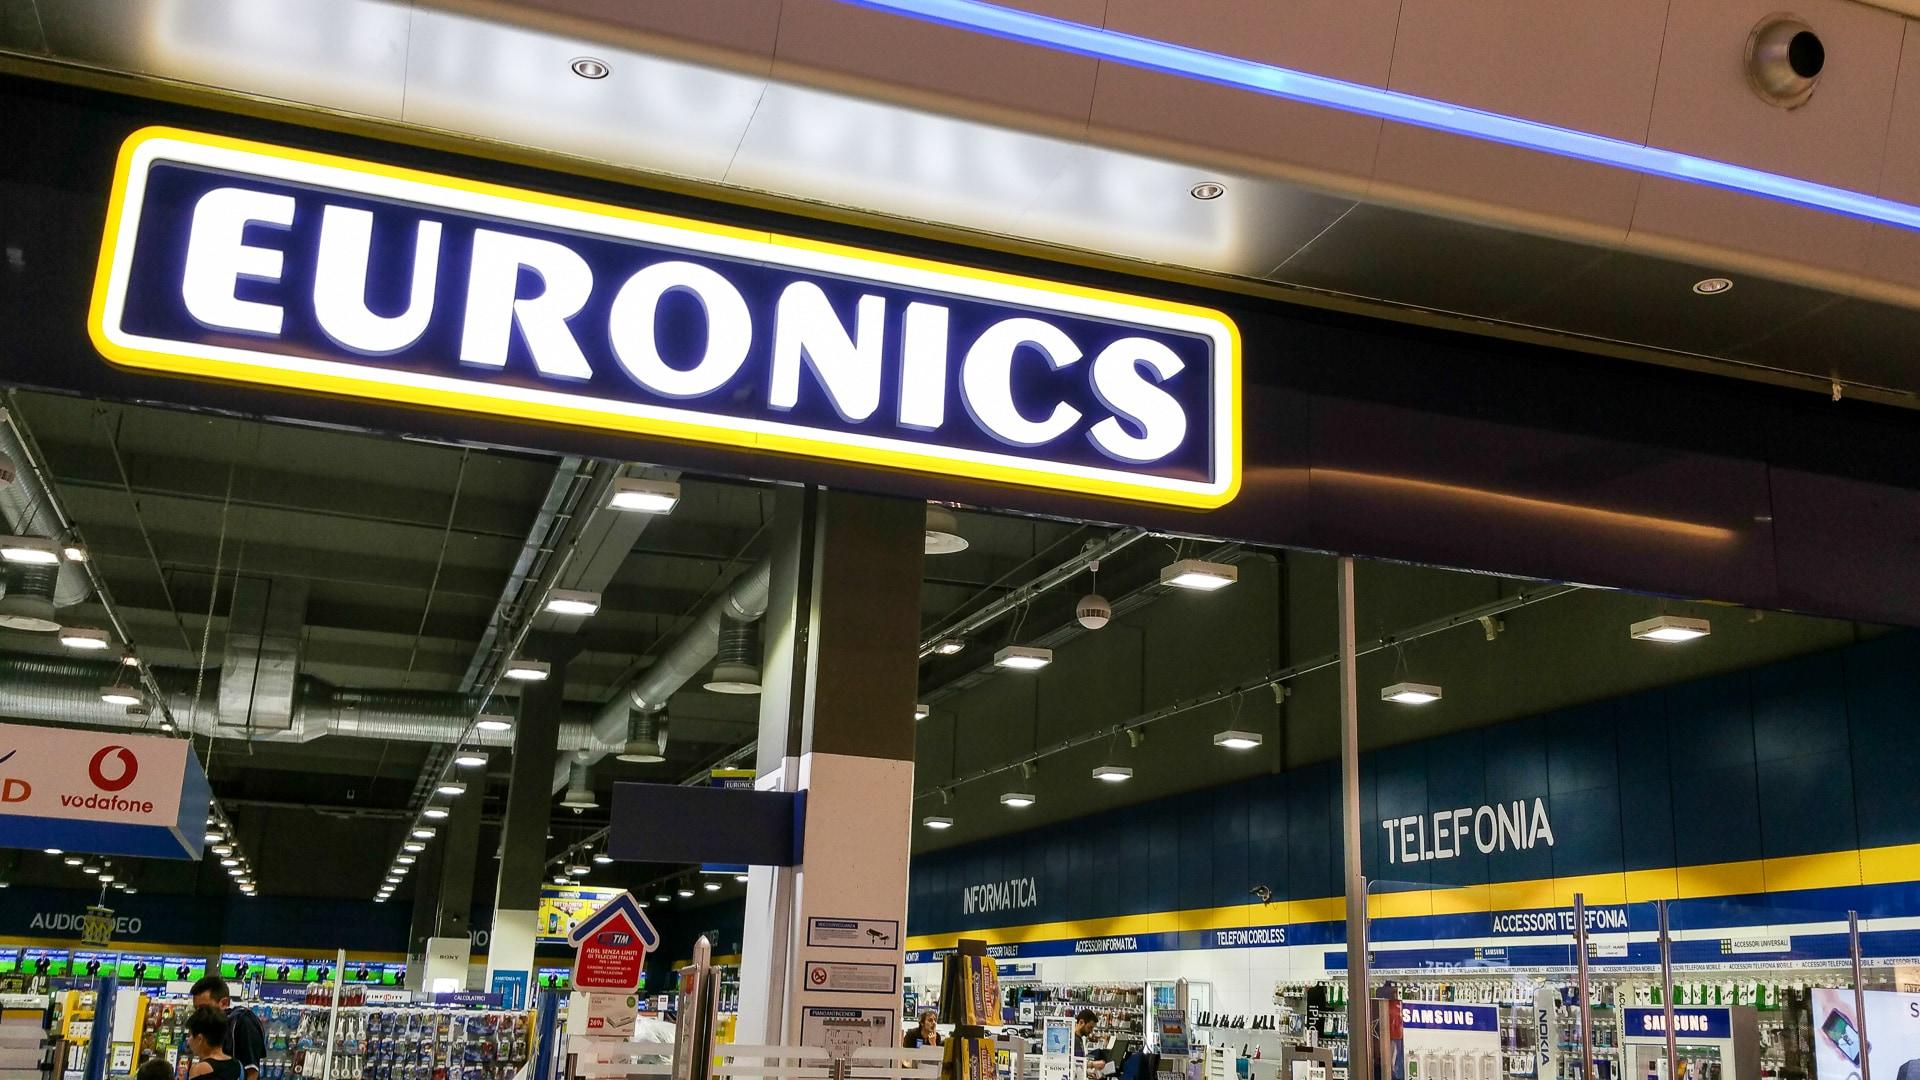 Volantino Euronics con tasso zero e sconti su smartphone, notebook, TV e molto altro (foto)